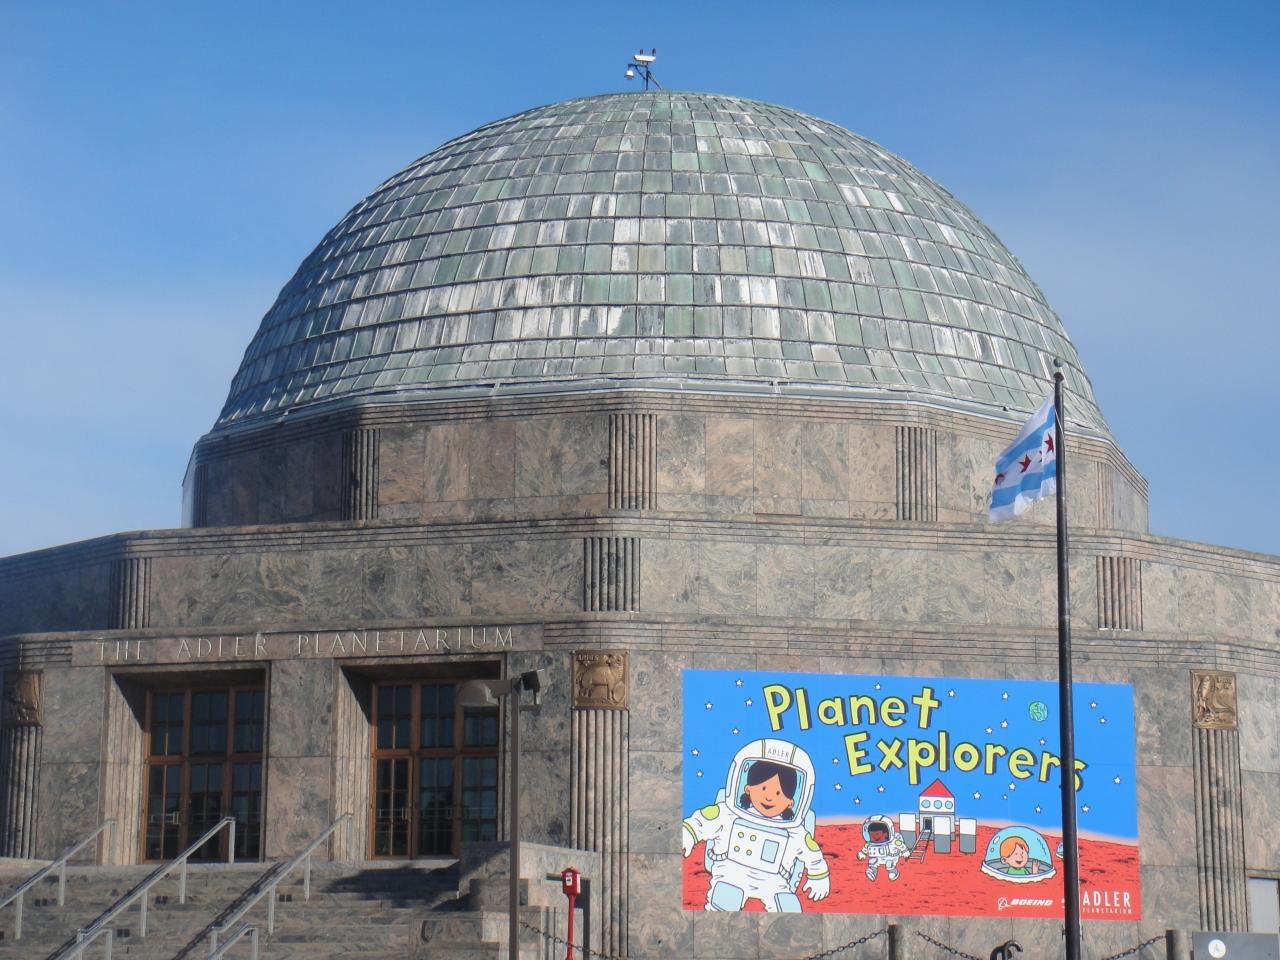 アドラープラネタリウム&天文学博物館写真・画像